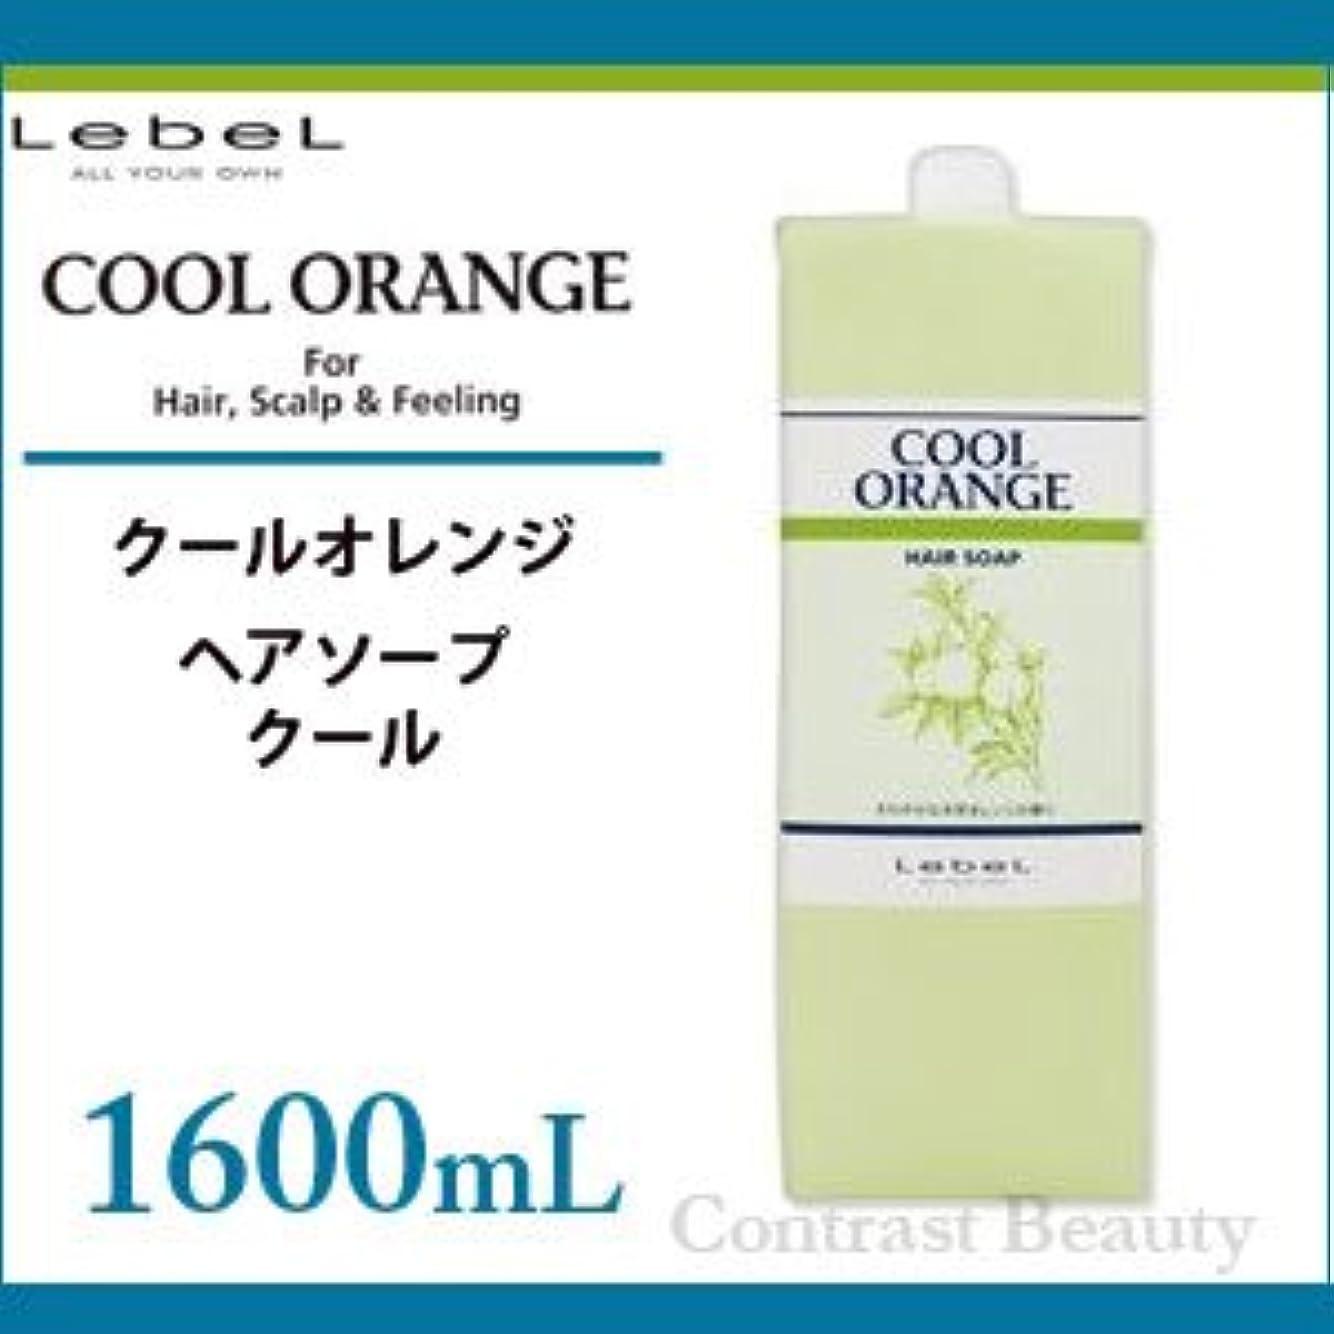 神社バレエ臭いルベル クールオレンジ ヘアソープ クール 1600ml